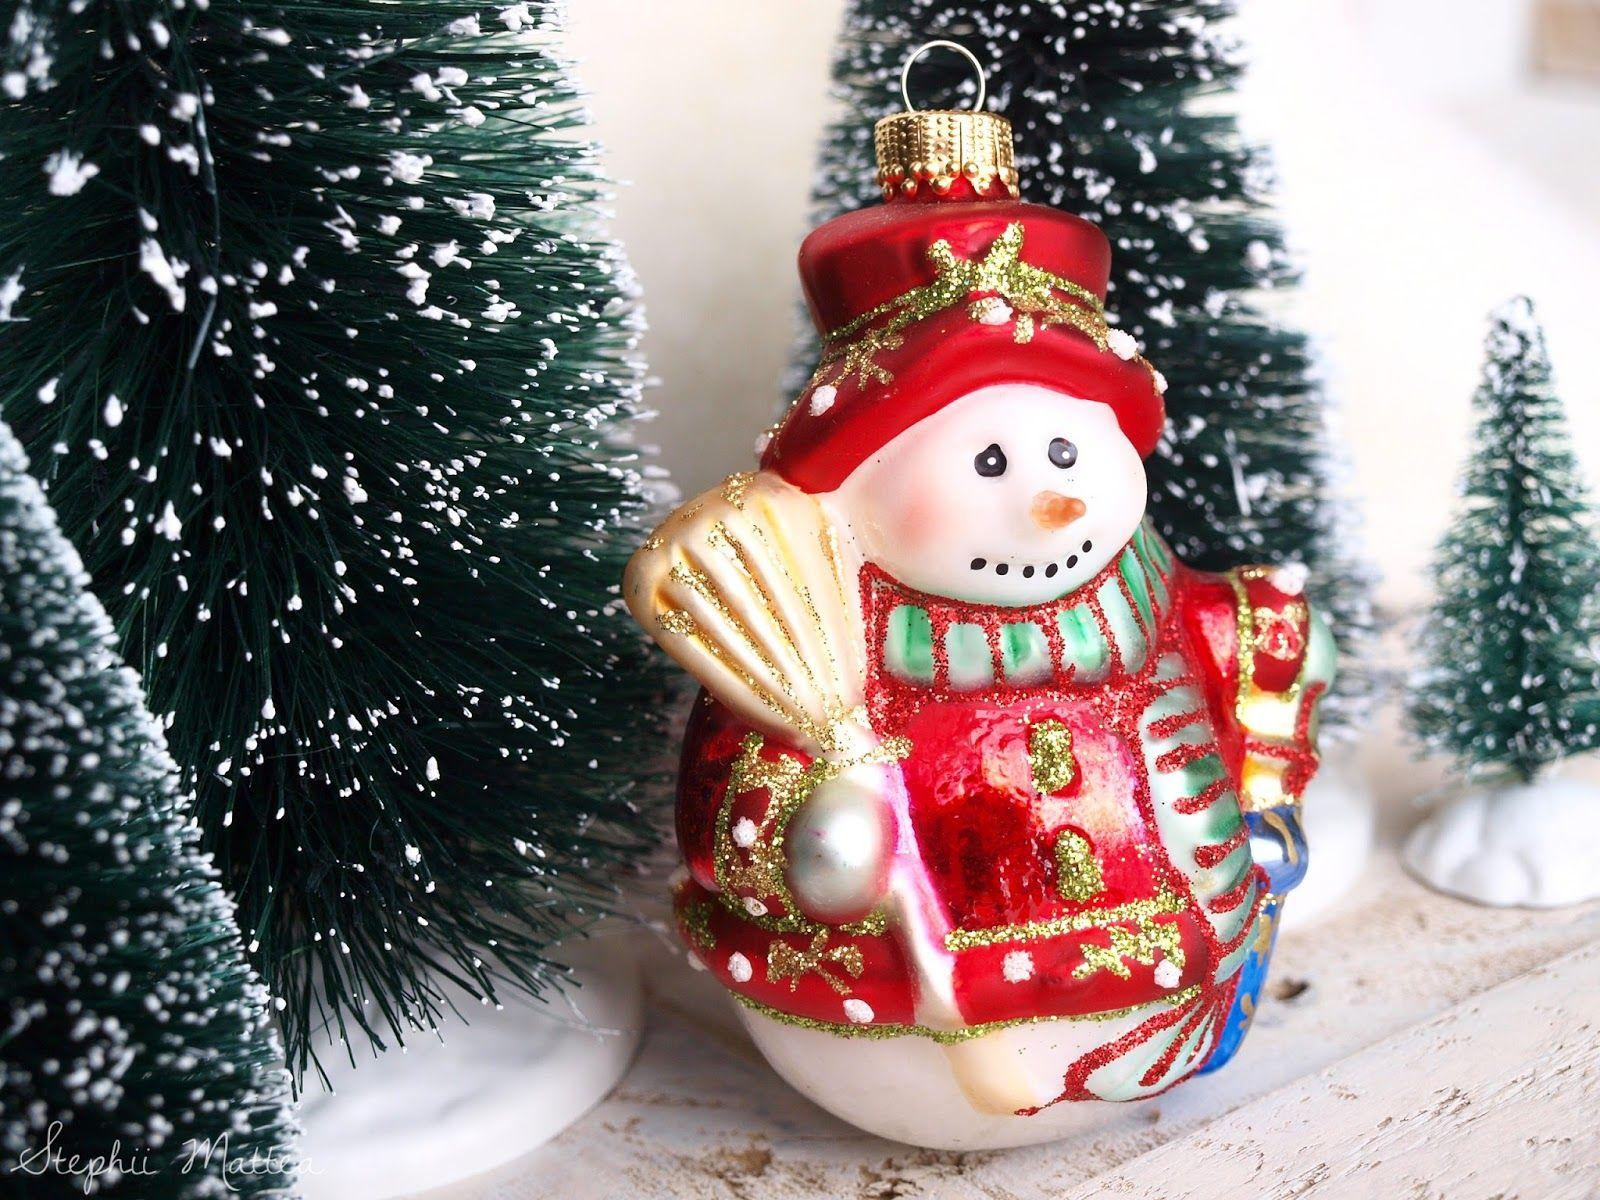 Blogmas Day 16 on Stephii Mattea: A Christmas Tag